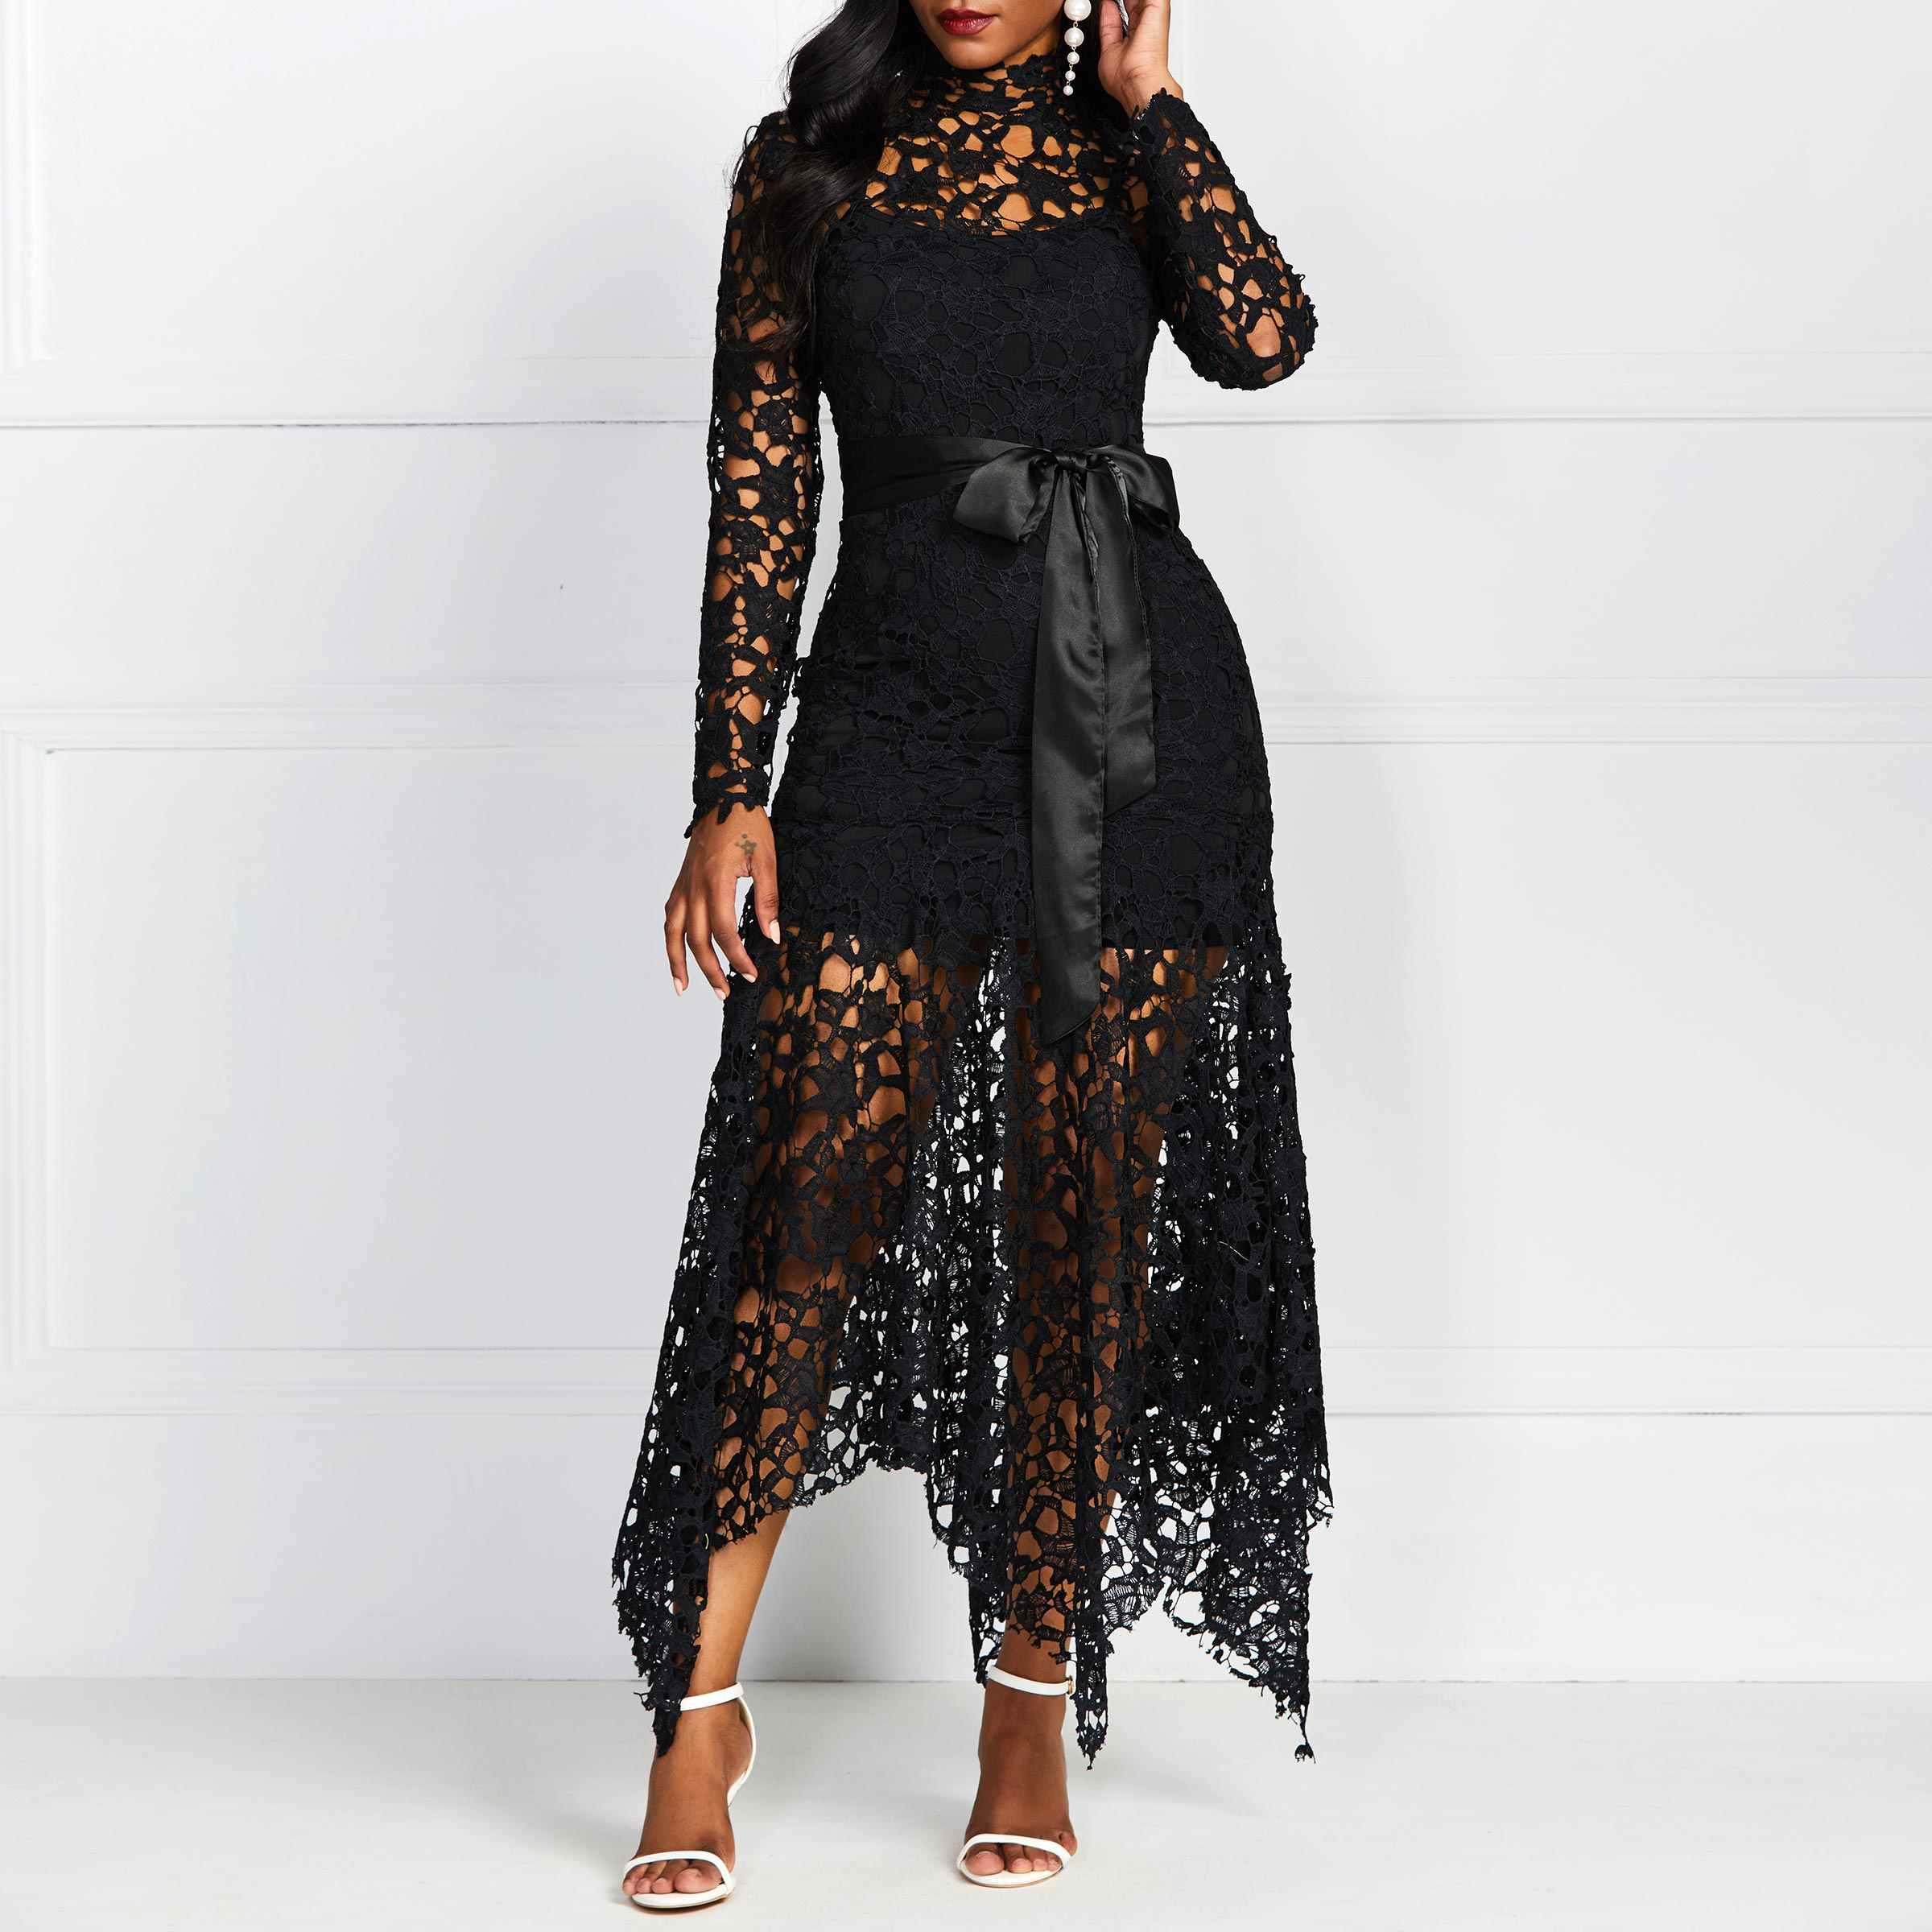 Вечерние, сексуальные, черные, синие платья 2019, вечерние, облегающие, женские, длинные, кружевные, сетчатые, пляжные, облегающие, вечерние, африканские, модные, Макси платья